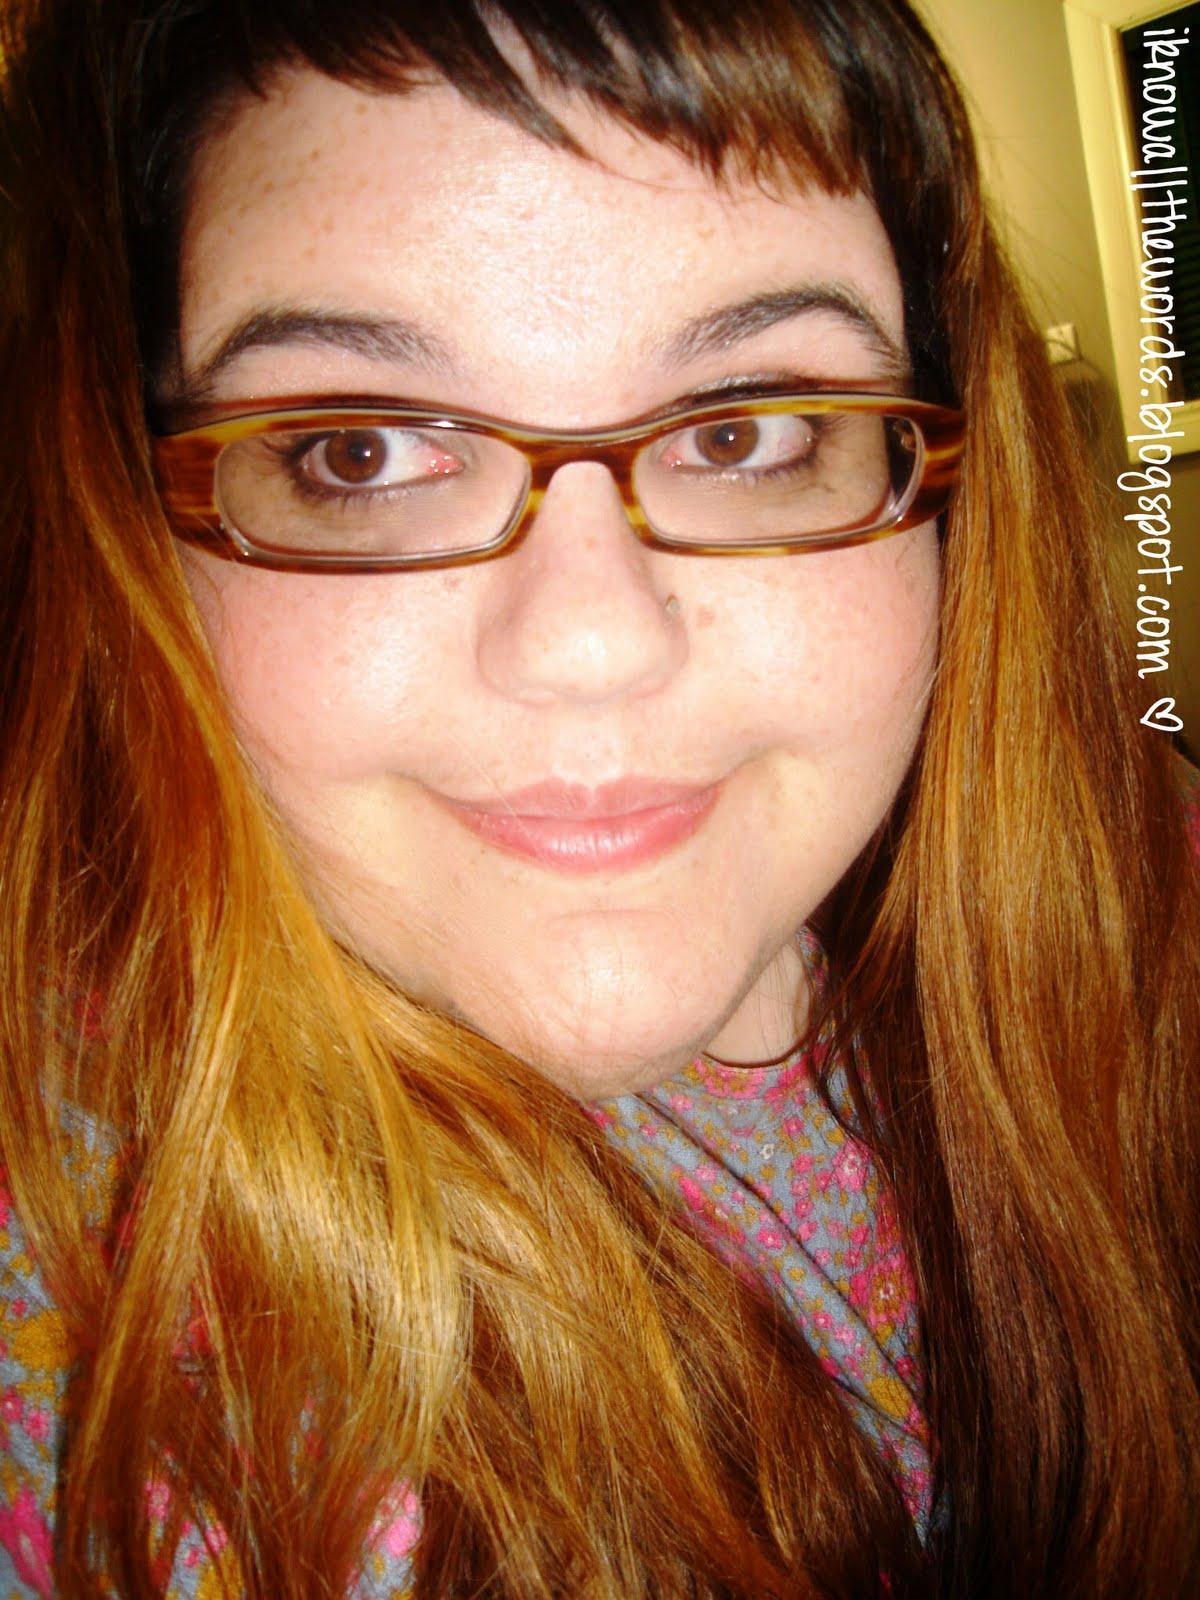 ... Golden Brown Hair Color On Dark Brown Hair Blonde, radiant brown or